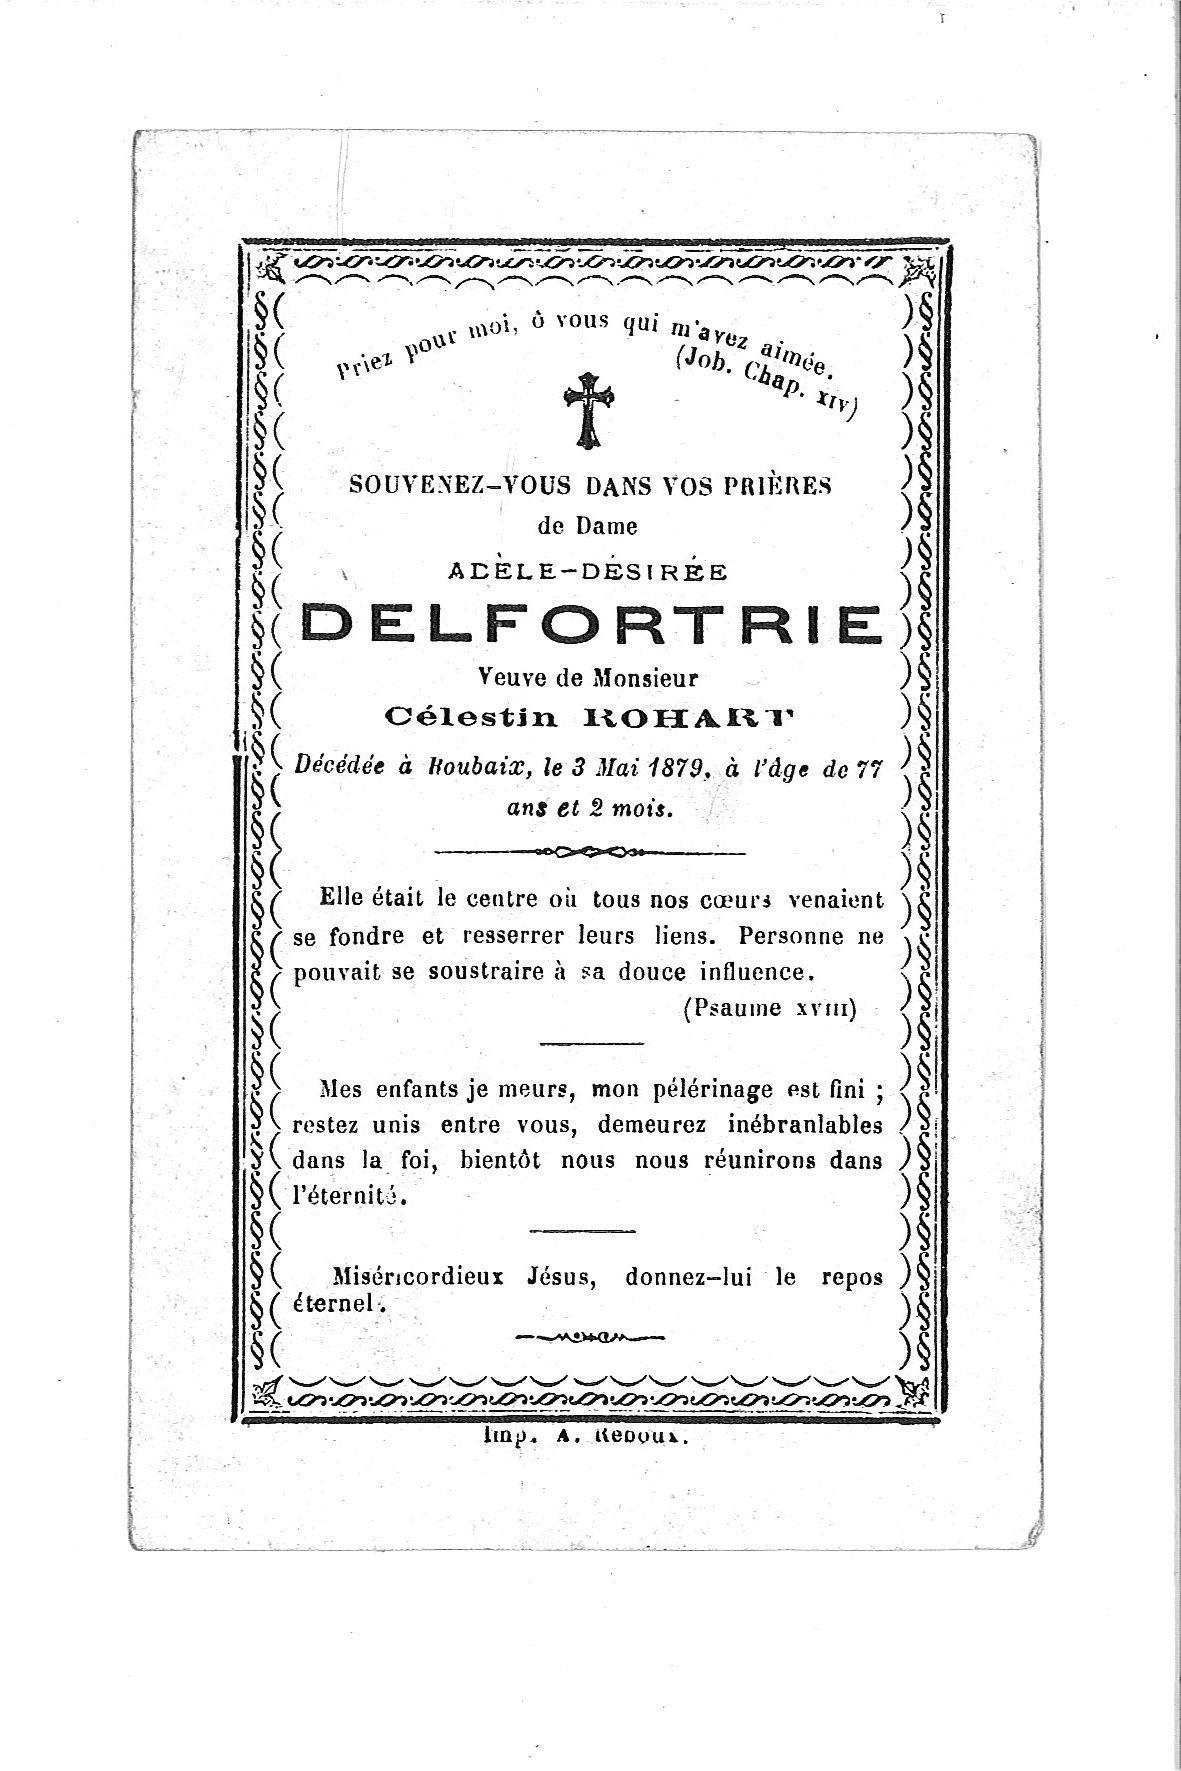 Adèle-Désirée(1879)20090917091023_00025.jpg